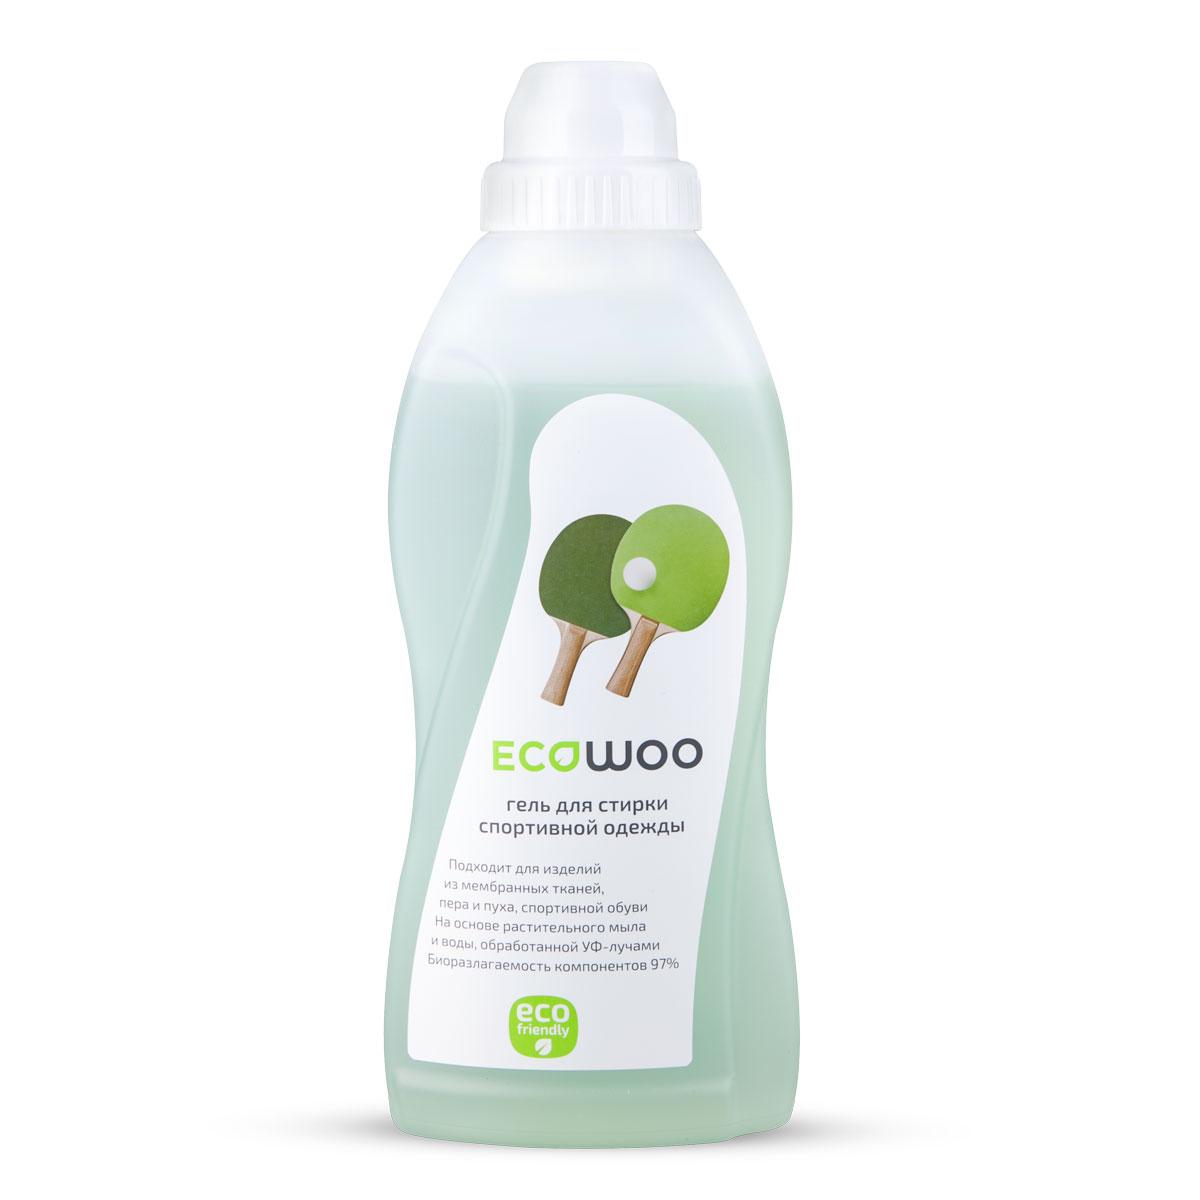 Гель для стирки спортивной одежды EcoWoo, 700 млЕ088200Гель EcoWoo подходит для стирки изделий из мембранных тканей, пера и пуха, спортивной обуви. Изготовлен на основе растительного мыла и воды, обработанной УФ-лучами. Биоразлагаемость компонентов 97%.Меры предосторожности: использовать только по назначению. При попадании в глаза и слизистые промыть большим количеством воды. При ручной стирке избегайте длительного контакта неразбавленного средства с кожей. Не употреблять в пищу.Состав: вода специально подготовленная, АПАВ 5-15%, растительное мыло 5-15%, НПАВ Товар сертифицирован.